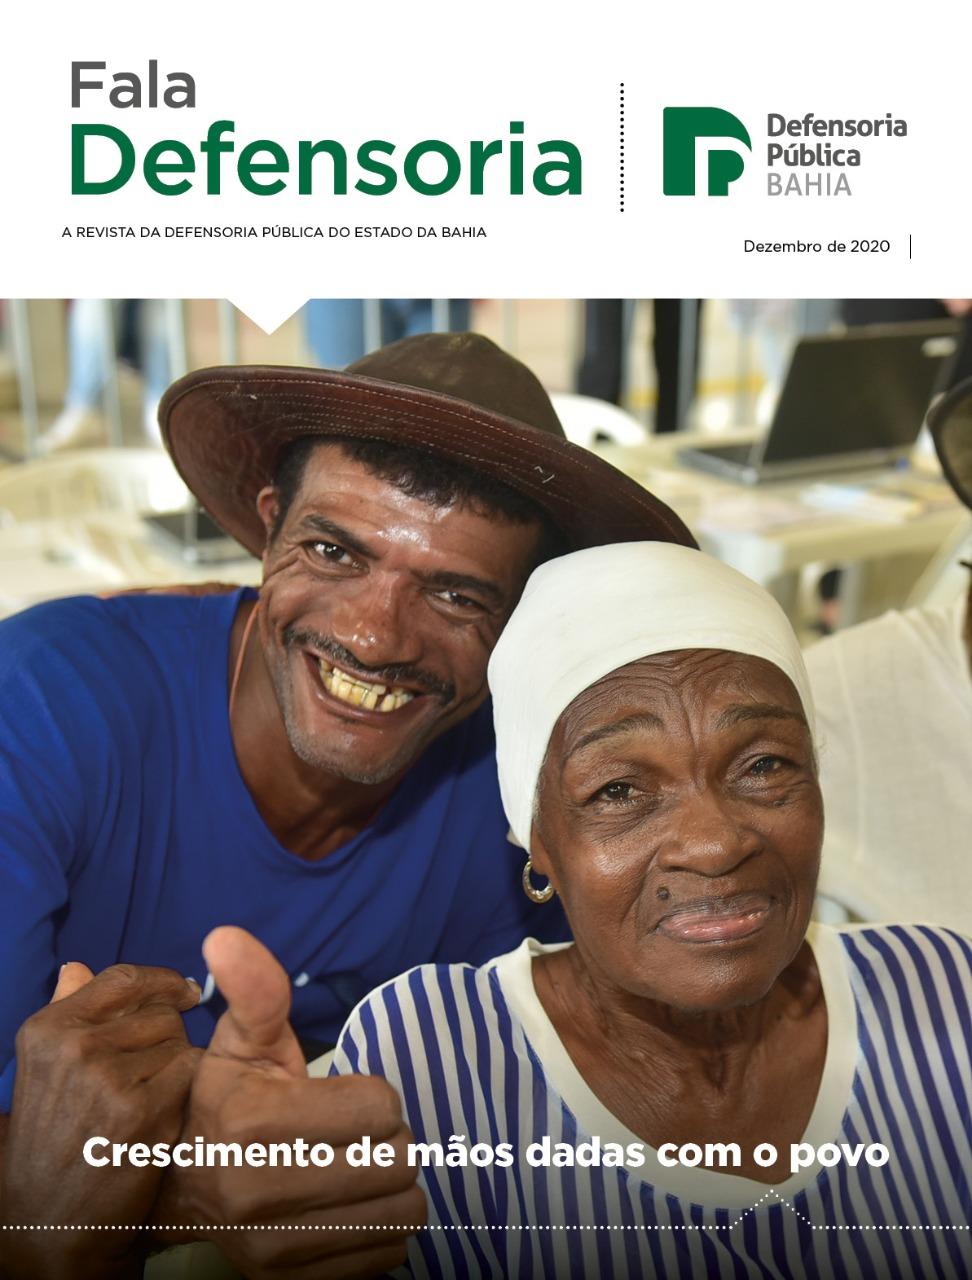 Revista Fala Defensoria 2019